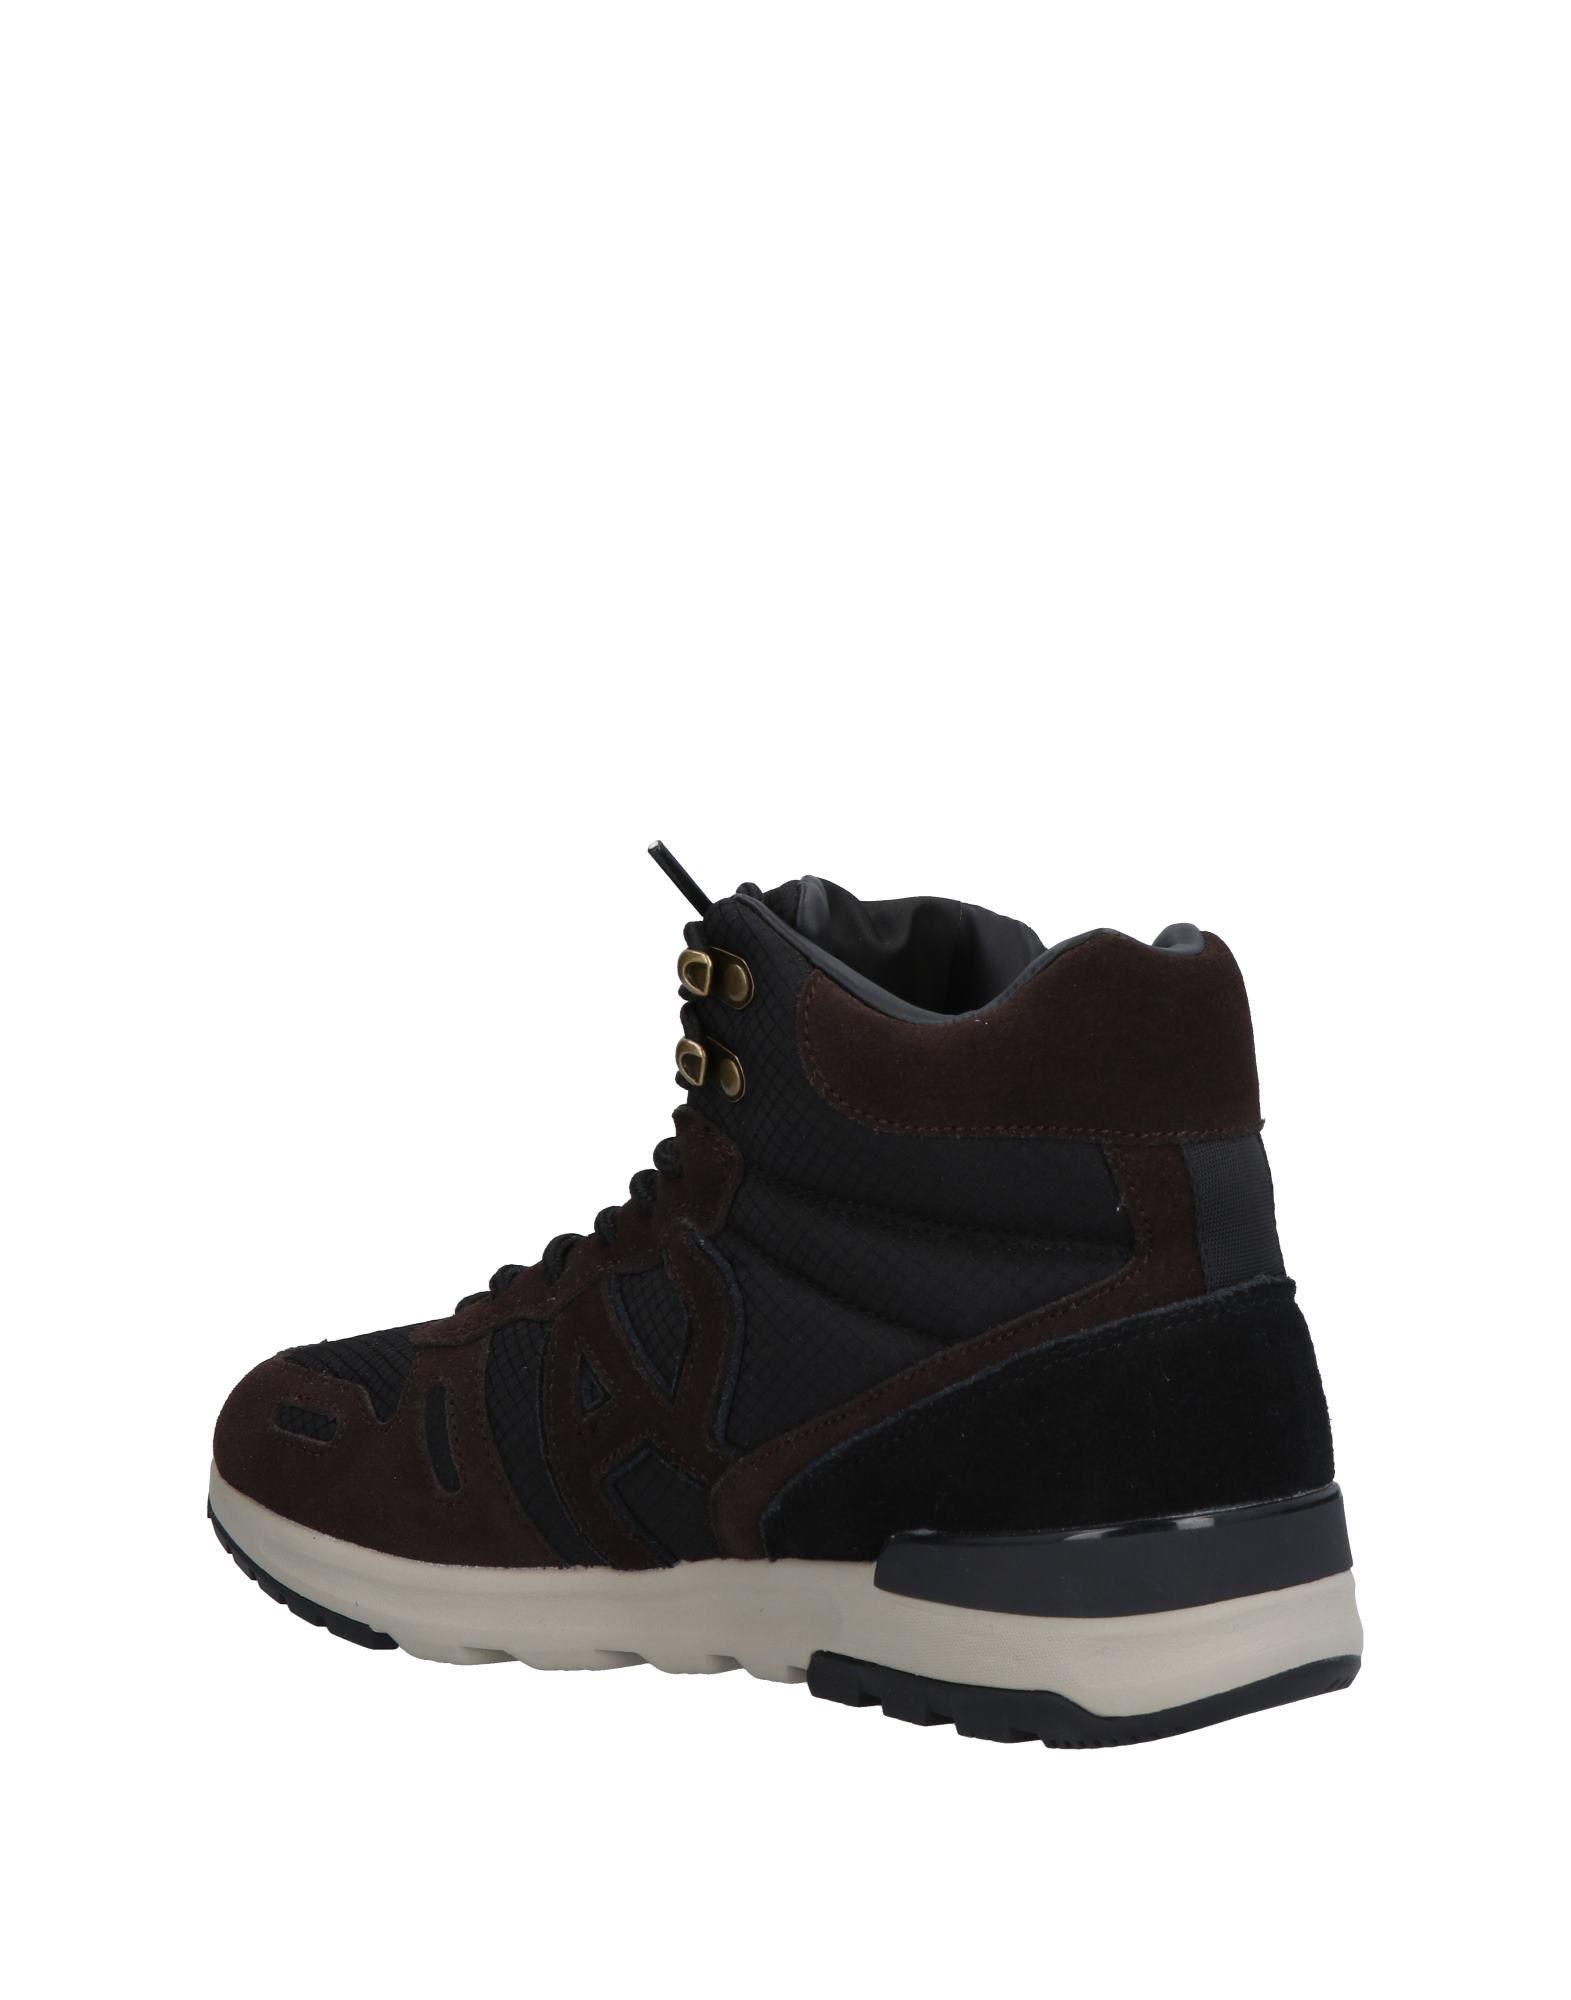 Rabatt echte Schuhe Armani 11486660UK Jeans Sneakers Herren  11486660UK Armani 5de533